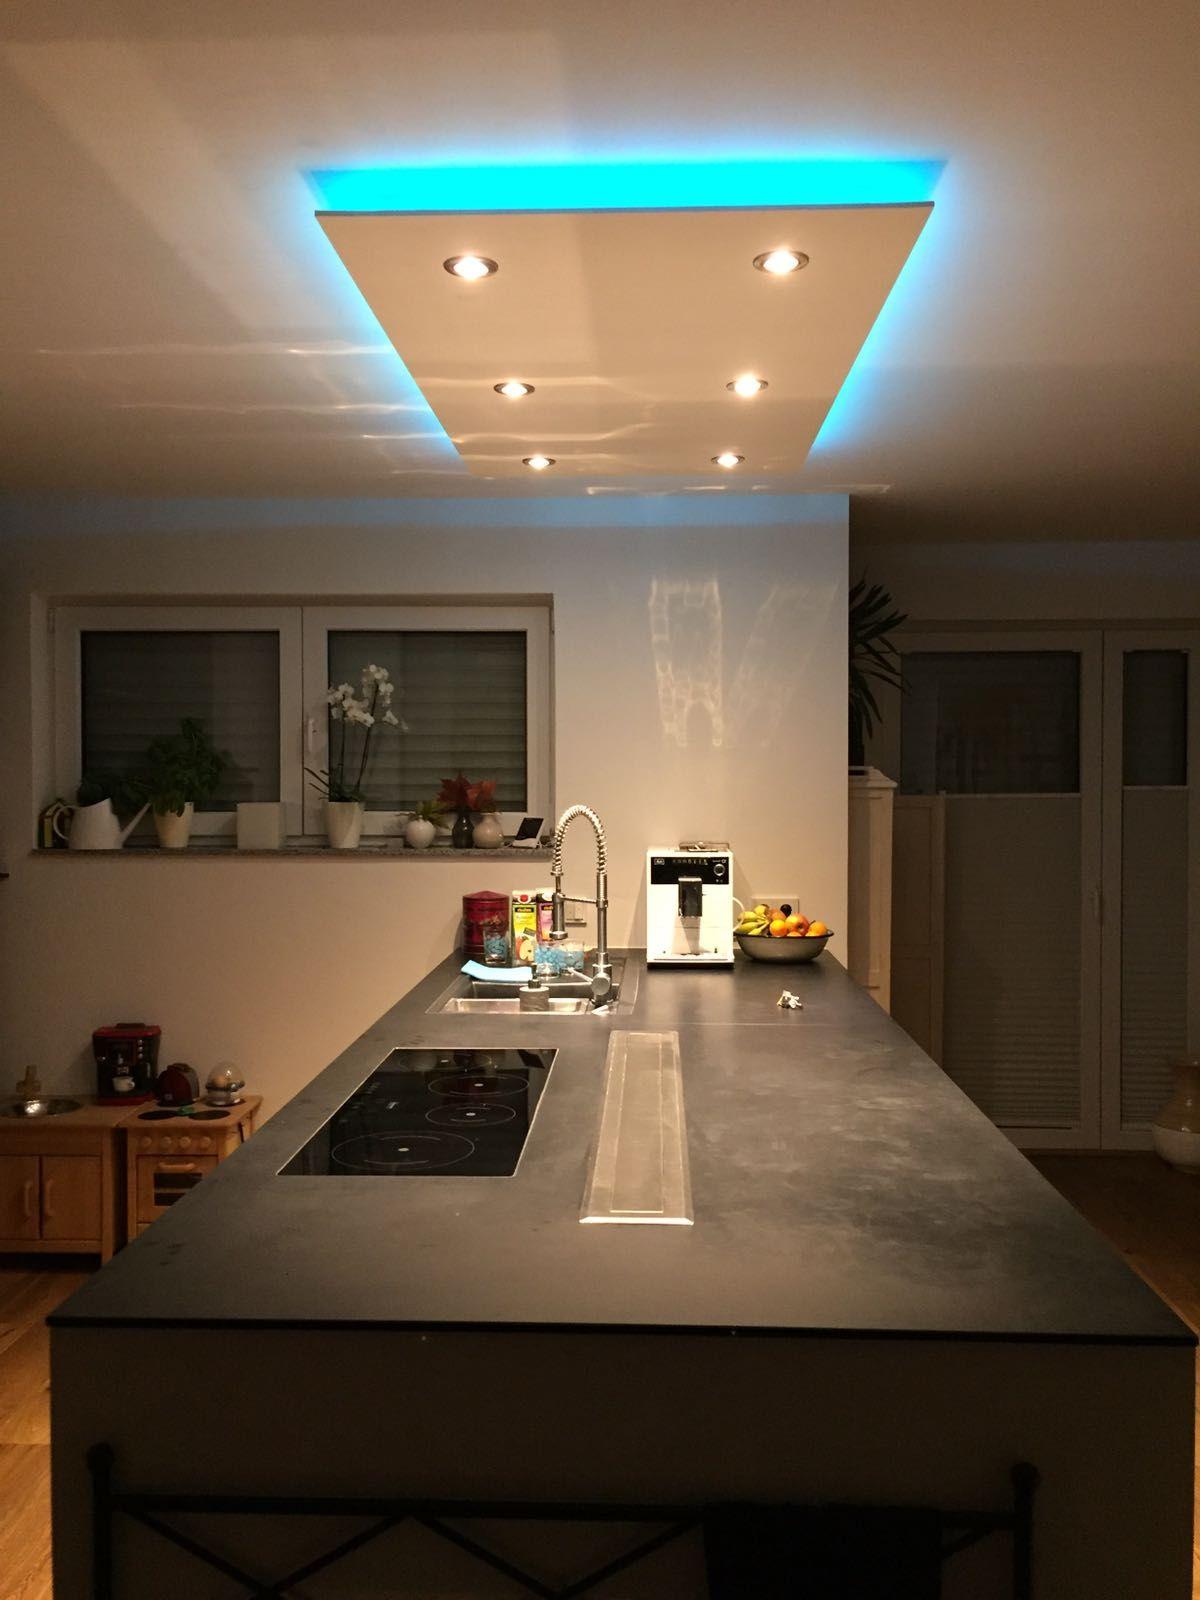 beeindruckende kundenbilder jetzt ansehen weisses badezimmer pinterest beleuchtung k che. Black Bedroom Furniture Sets. Home Design Ideas